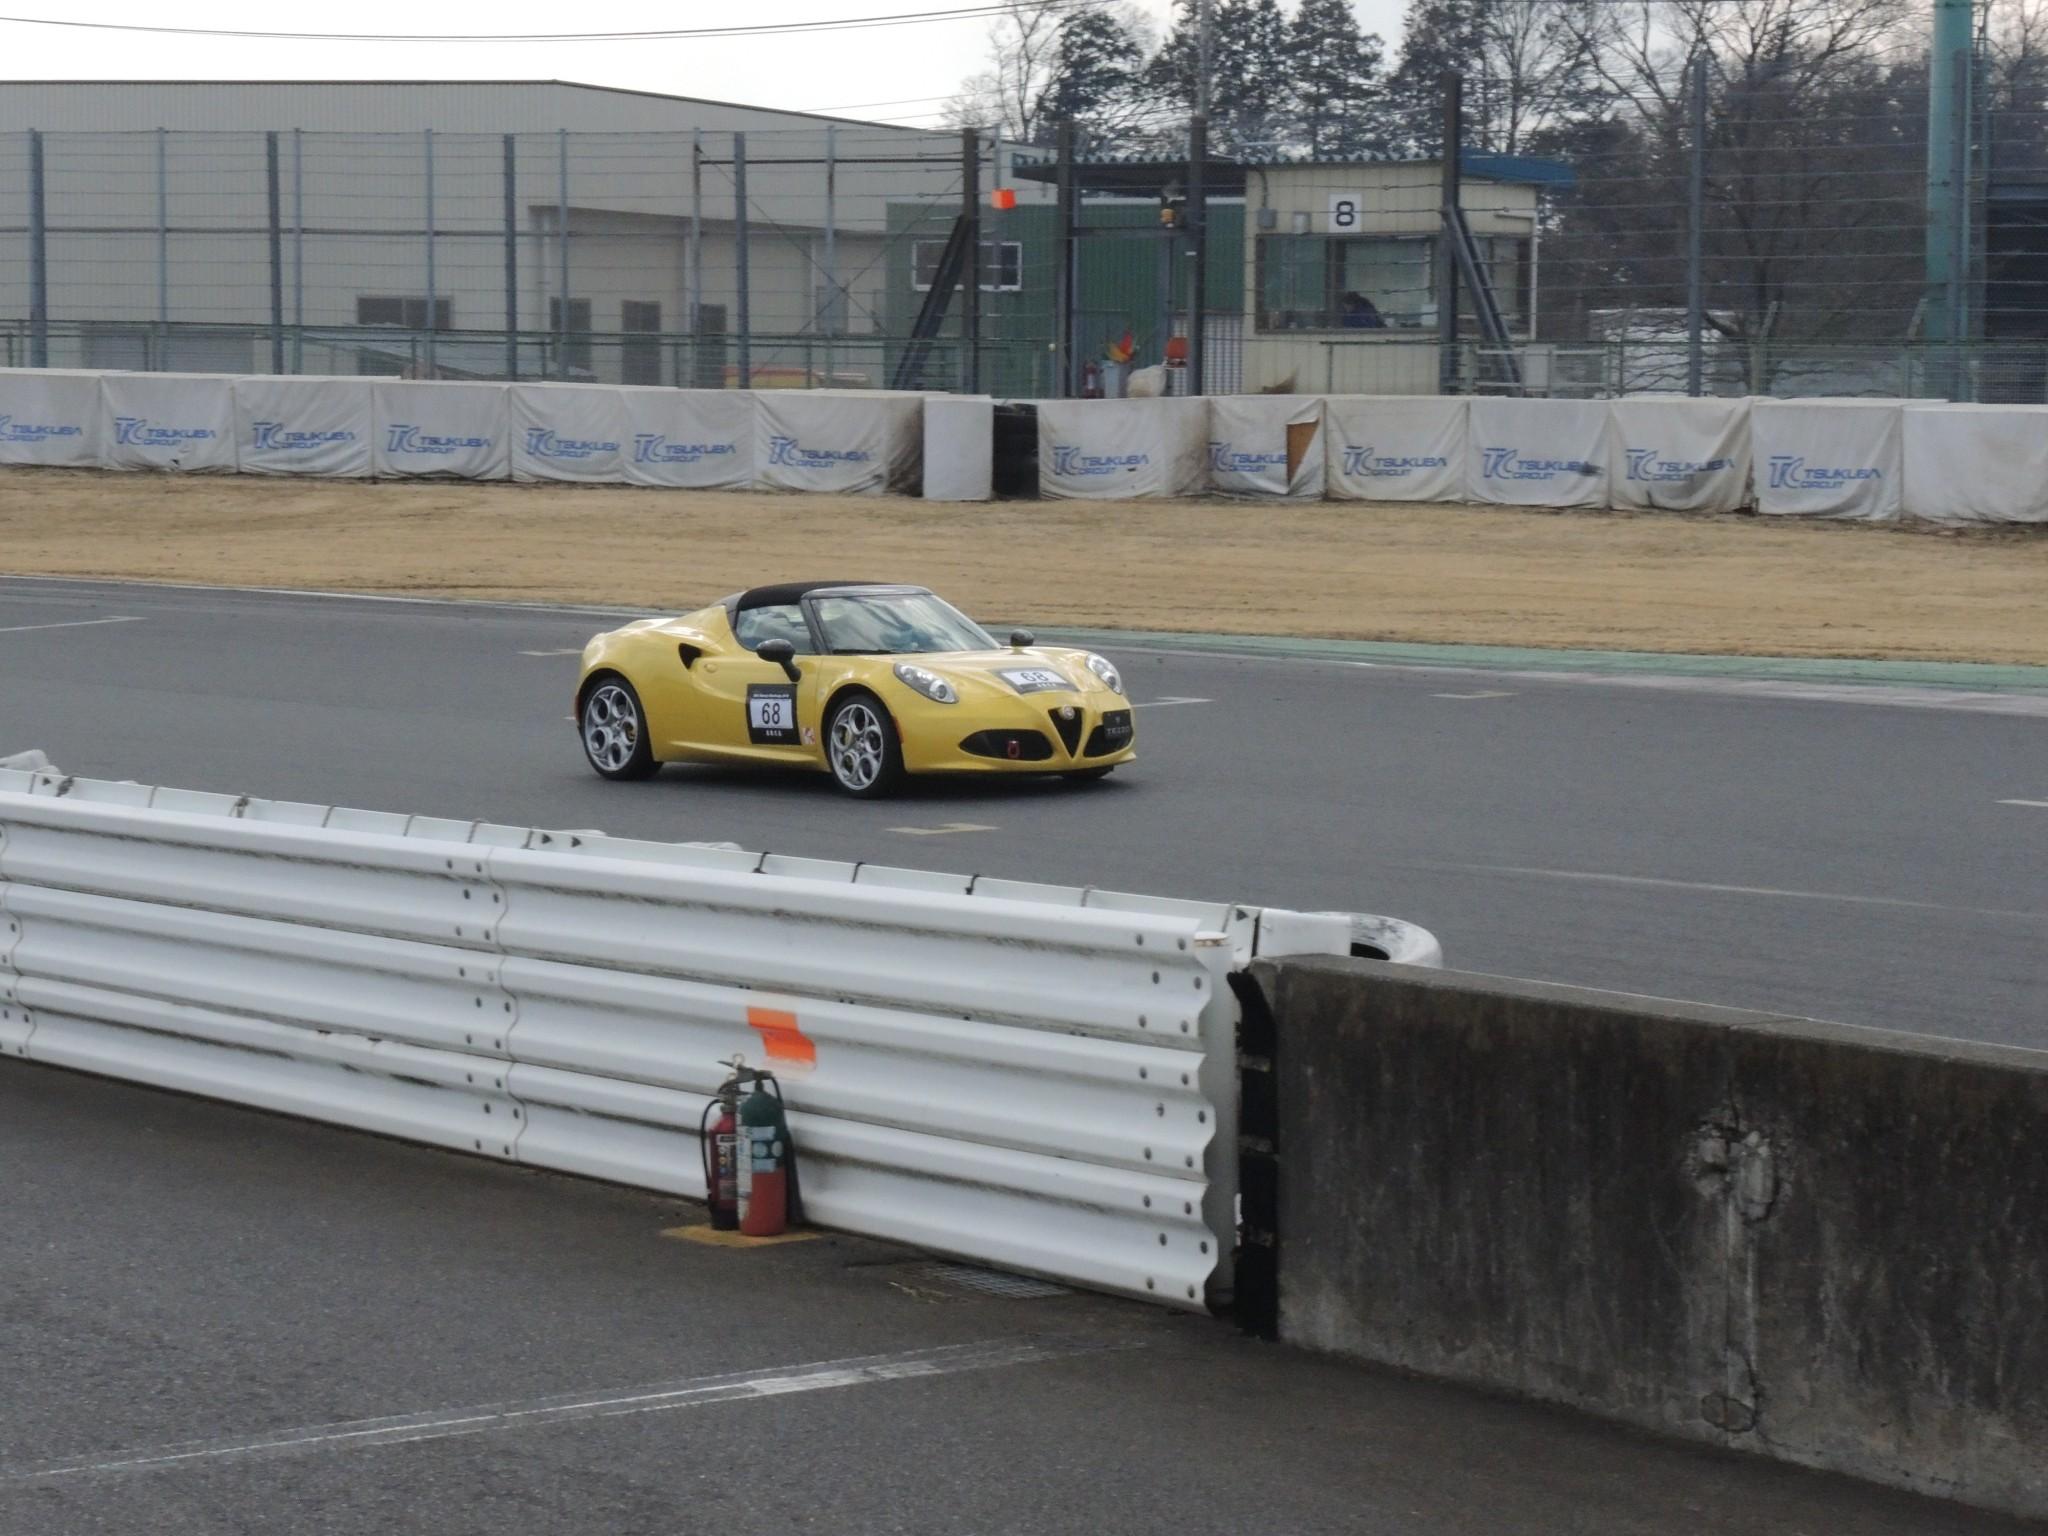 211(日)アルファロメオチャレンジ レースに参戦しました! (3)